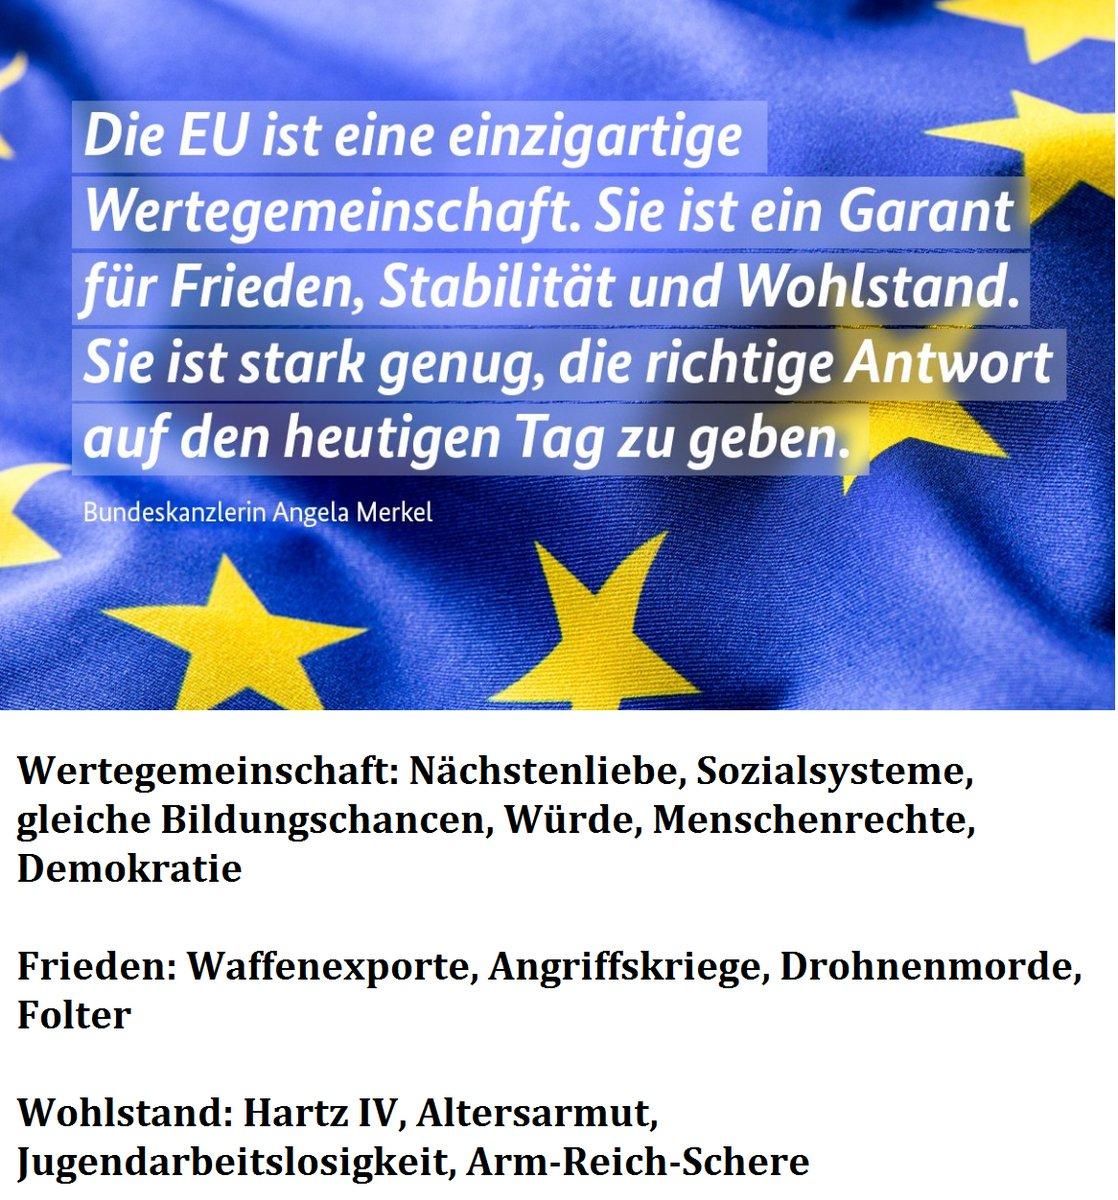 Das ist die Merkel-EU. Demokratiefeindlich, ein Moloch, der Deutschland als Spielball Merkels zerstört. #FCK???????? #Date:06.2016#